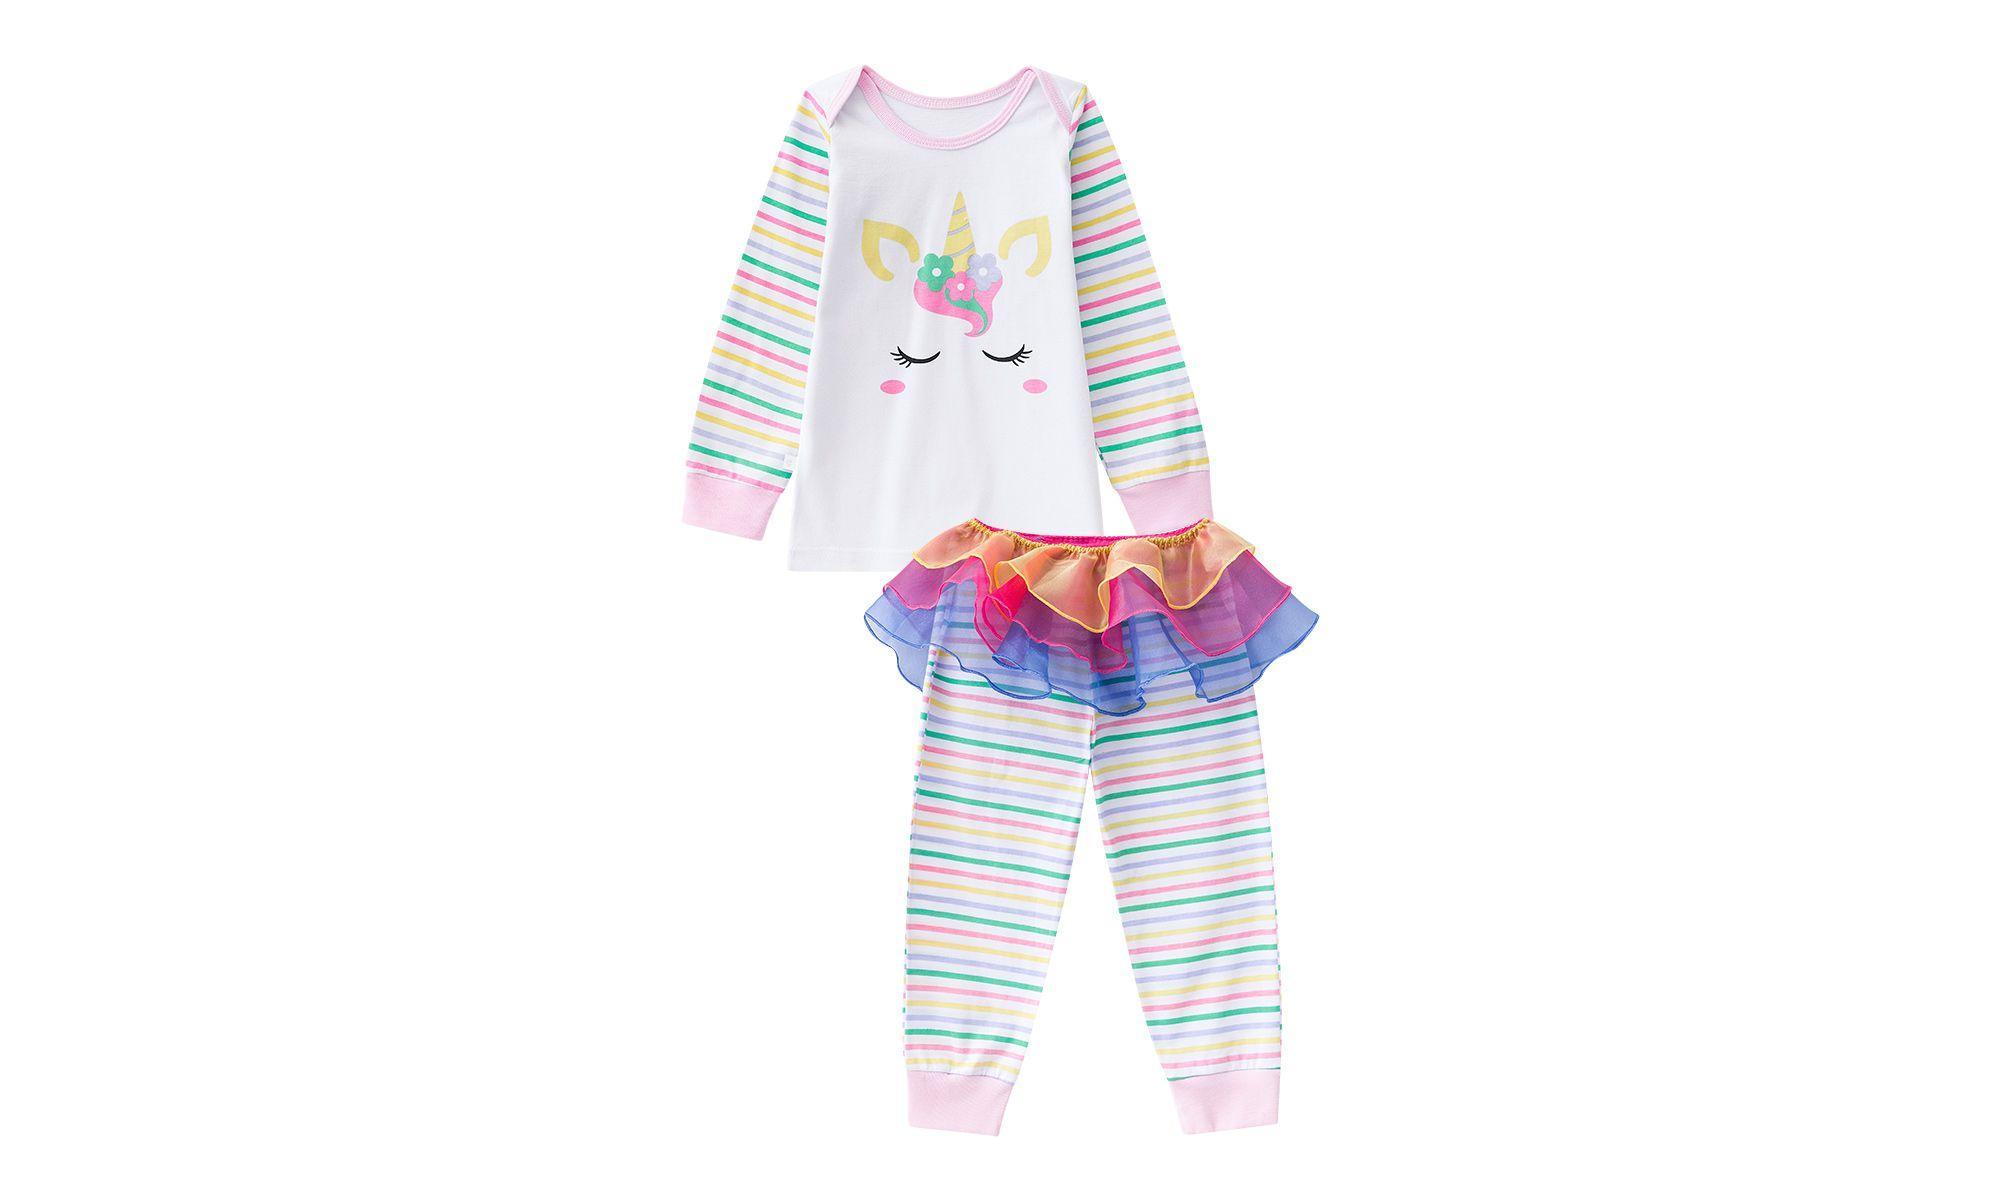 Pijama bebê menina unicórnio calça com sainha colorida